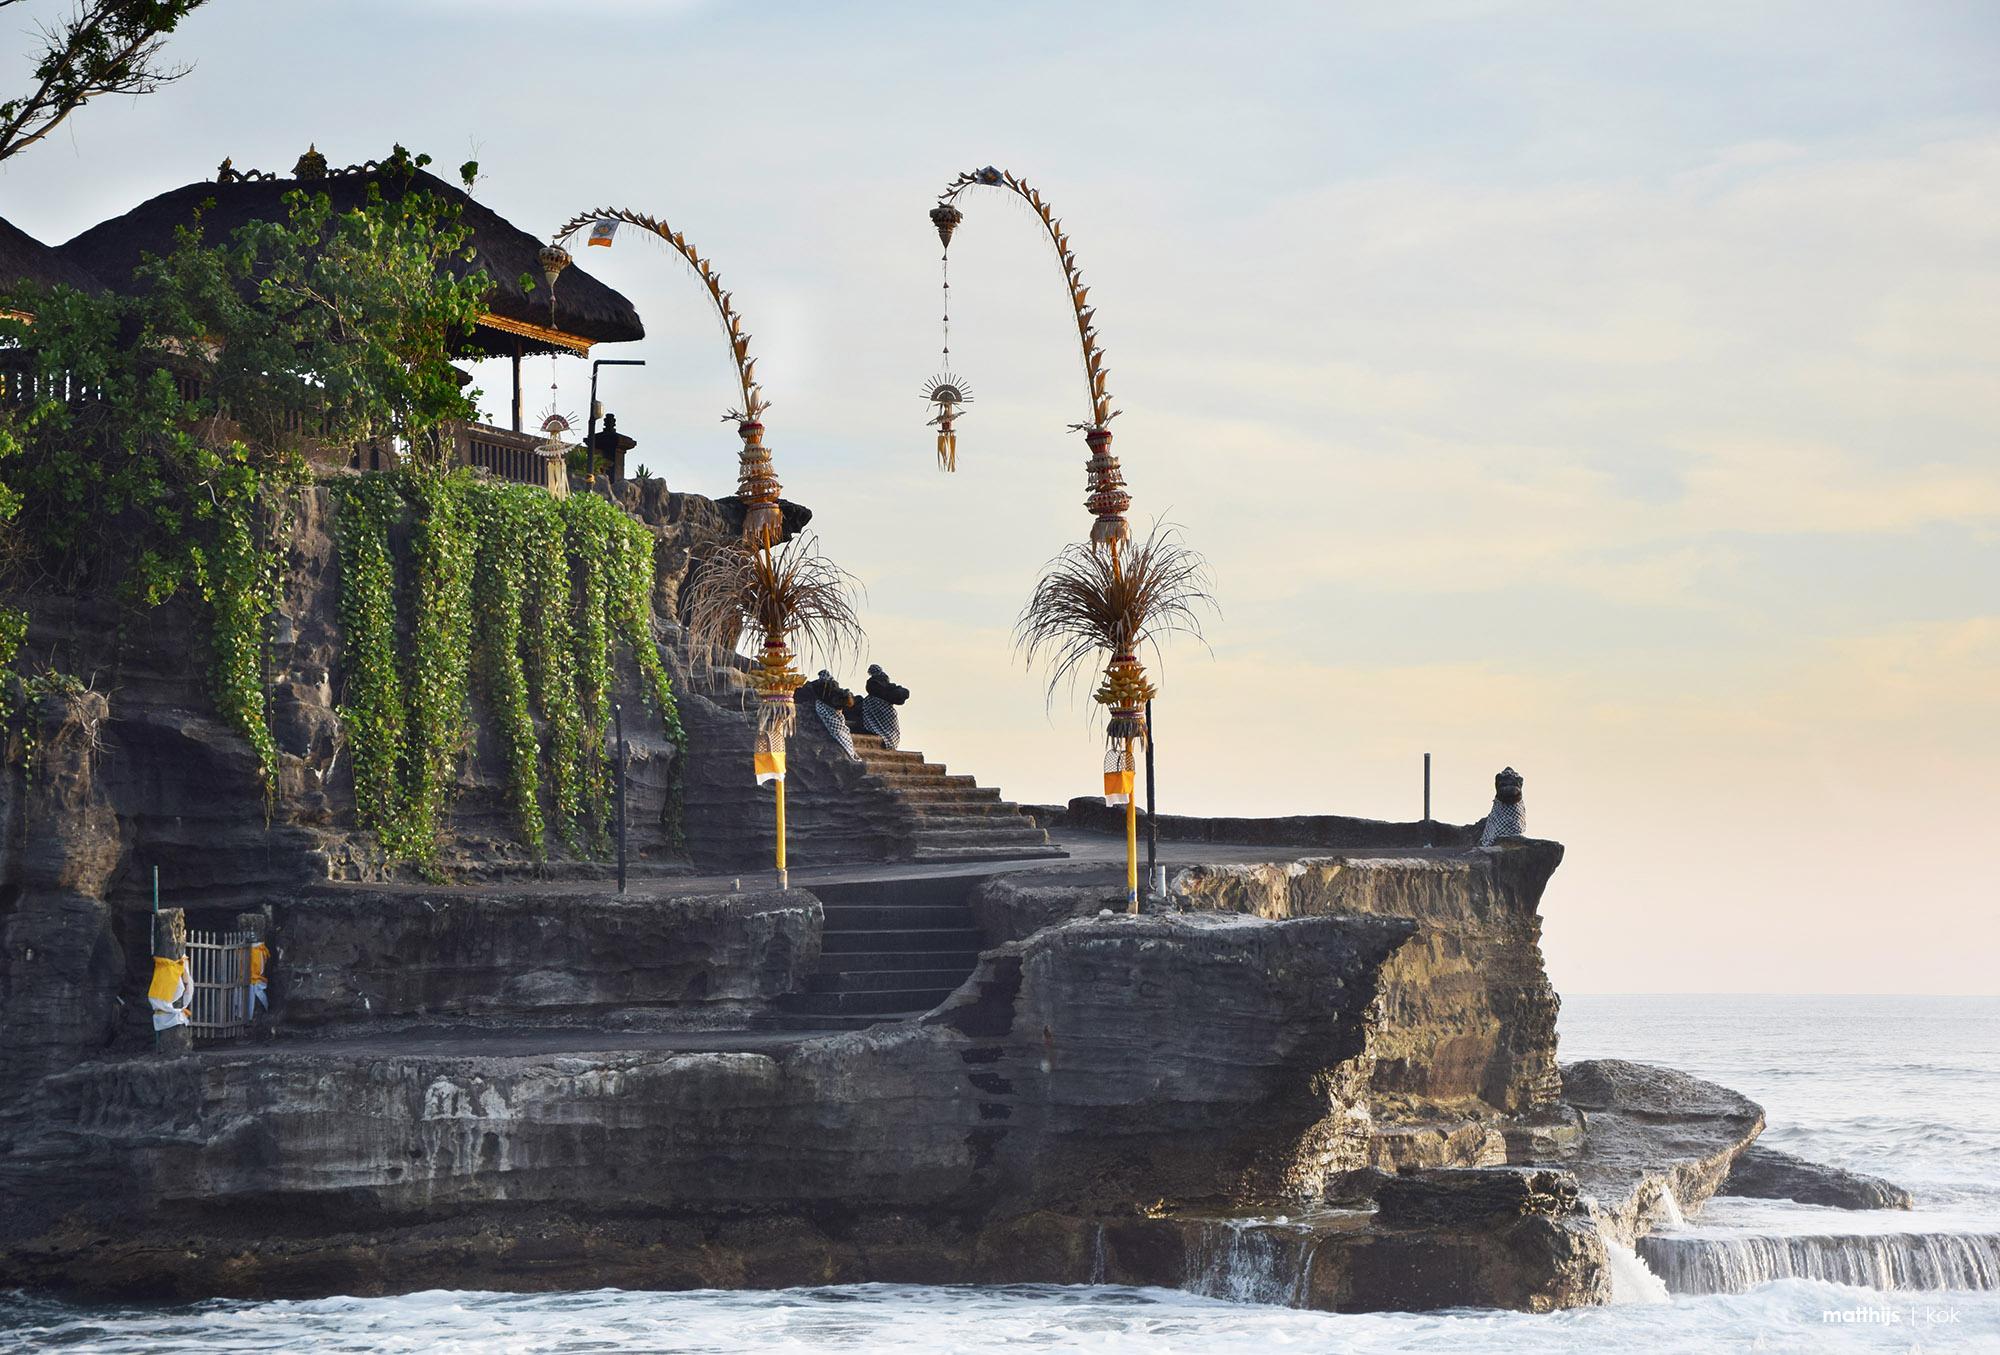 Pura Tanah Lot, Bali | Photo by Matthijs Kok